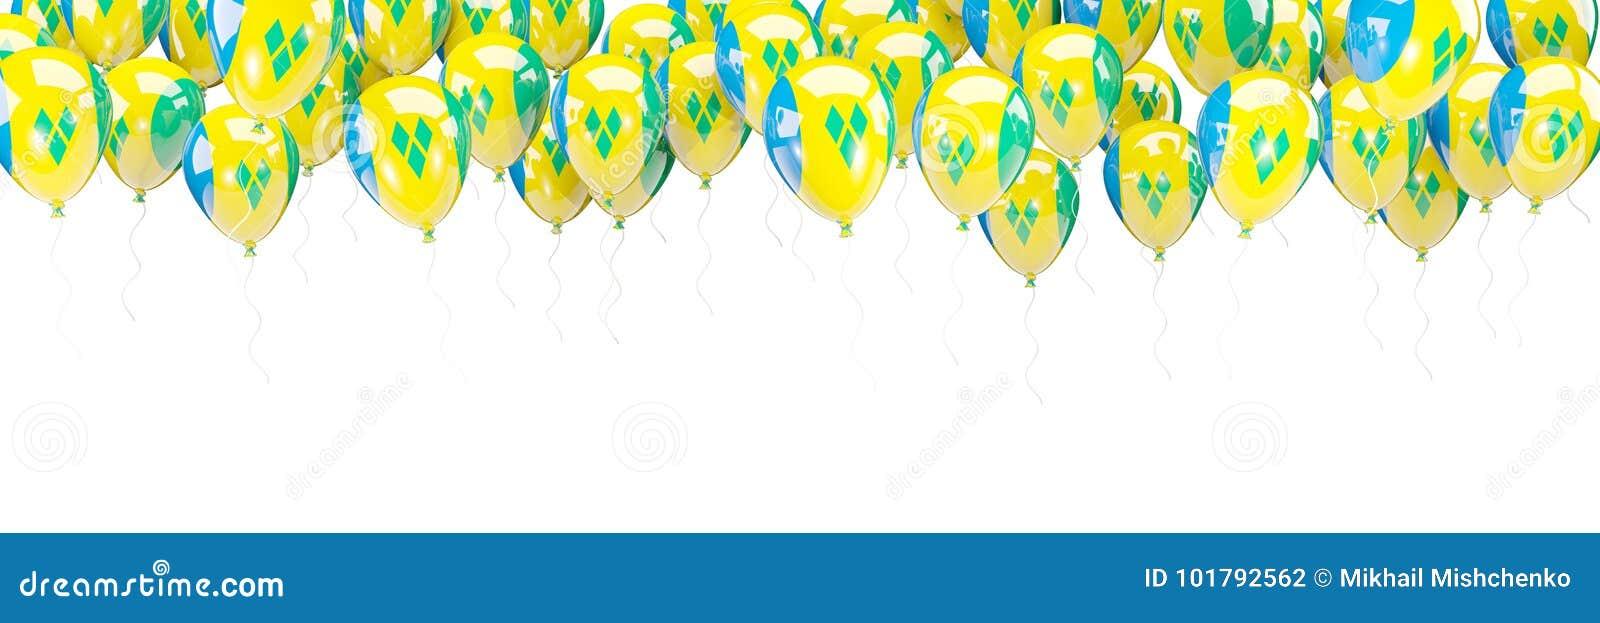 Πλαίσιο μπαλονιών με τη σημαία των Σαιντ Βίνσεντ και Γκρεναντίν